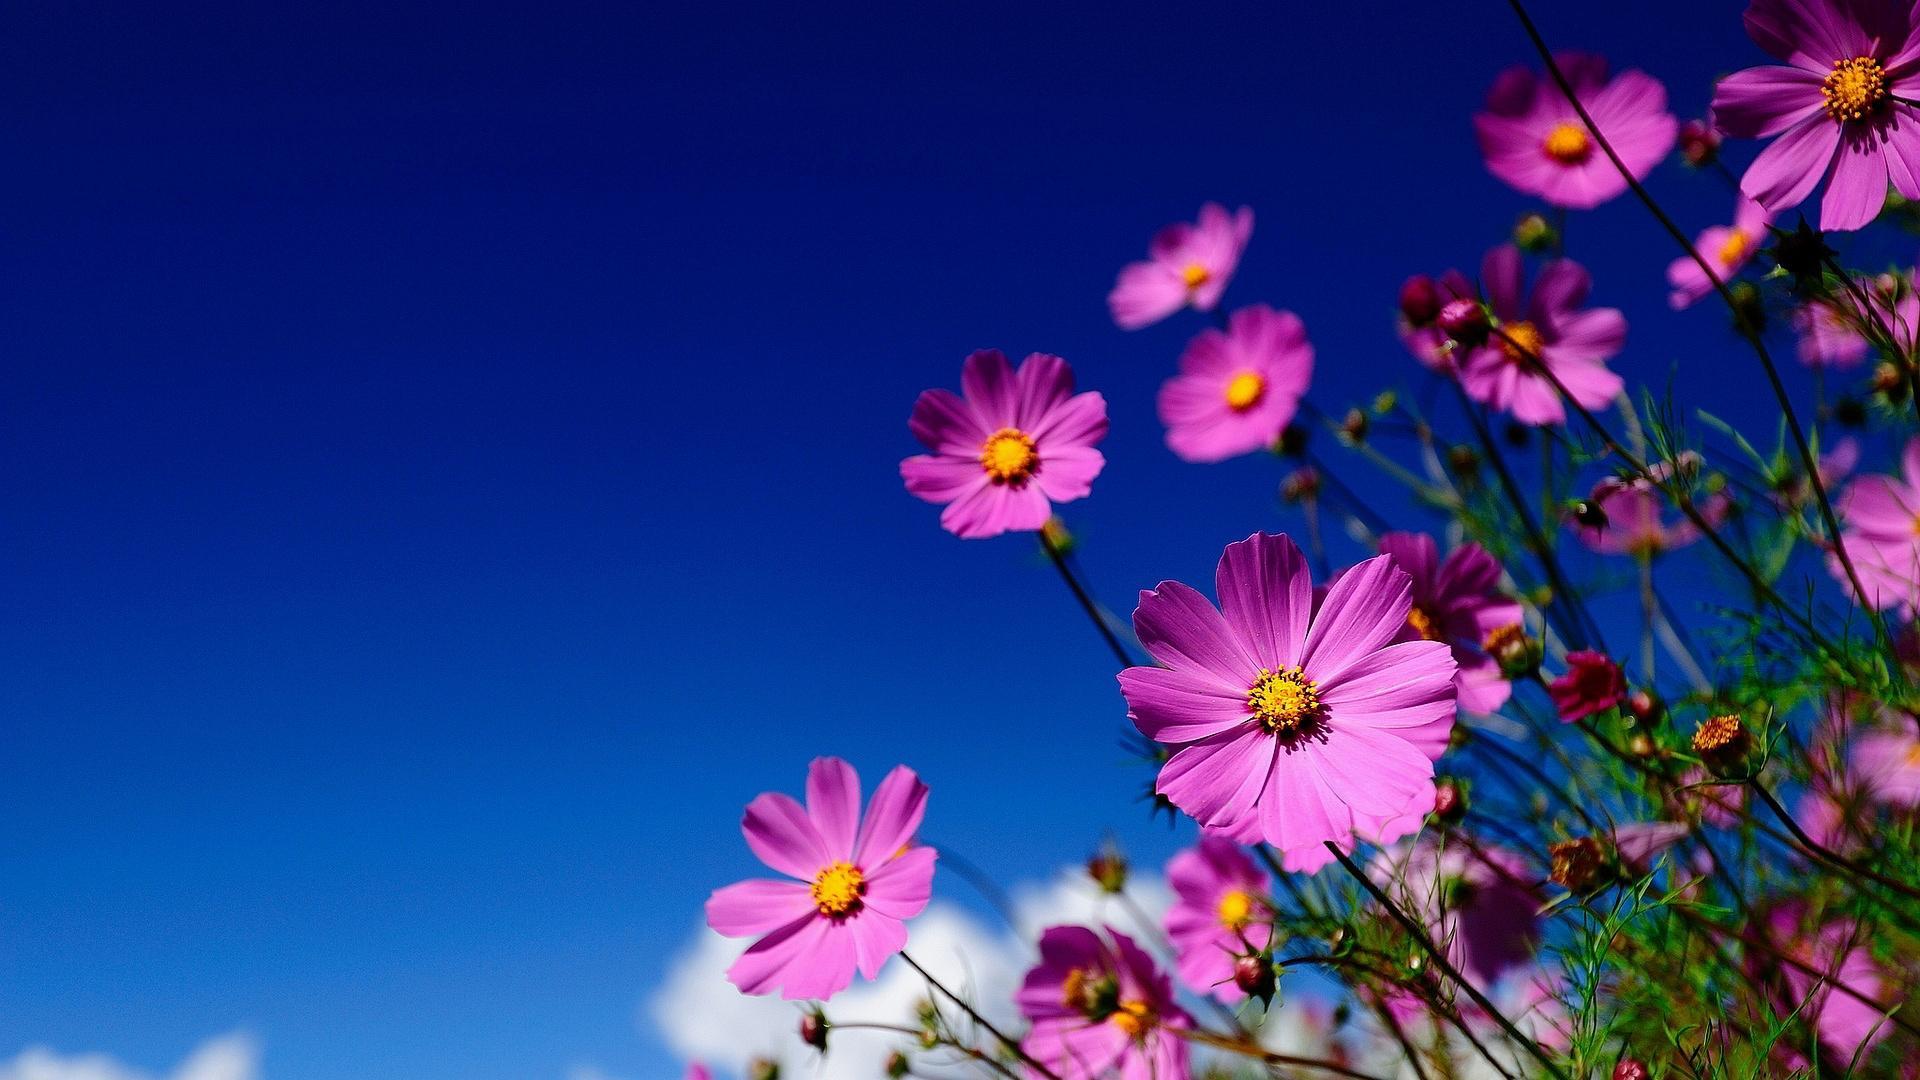 High Resolution Flower Wallpaper: Desktop Wallpaper Flowers High Resolution The Photos Club